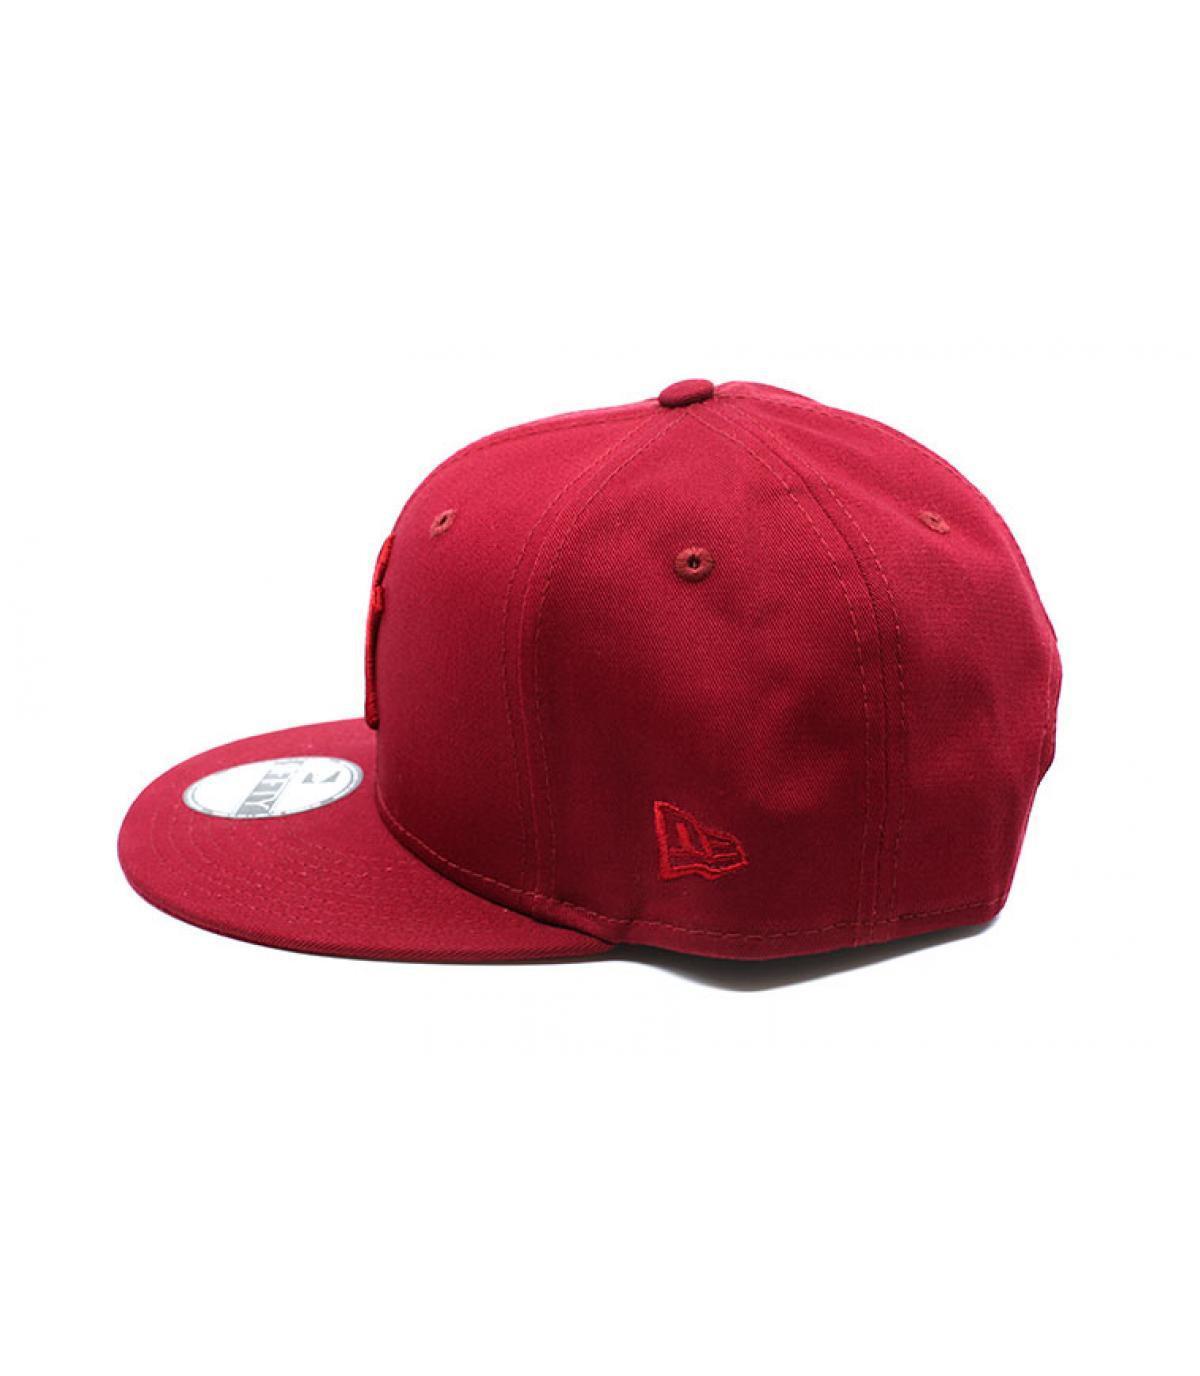 Détails Snapback League Ess 9Fifty NY cardinal - image 4